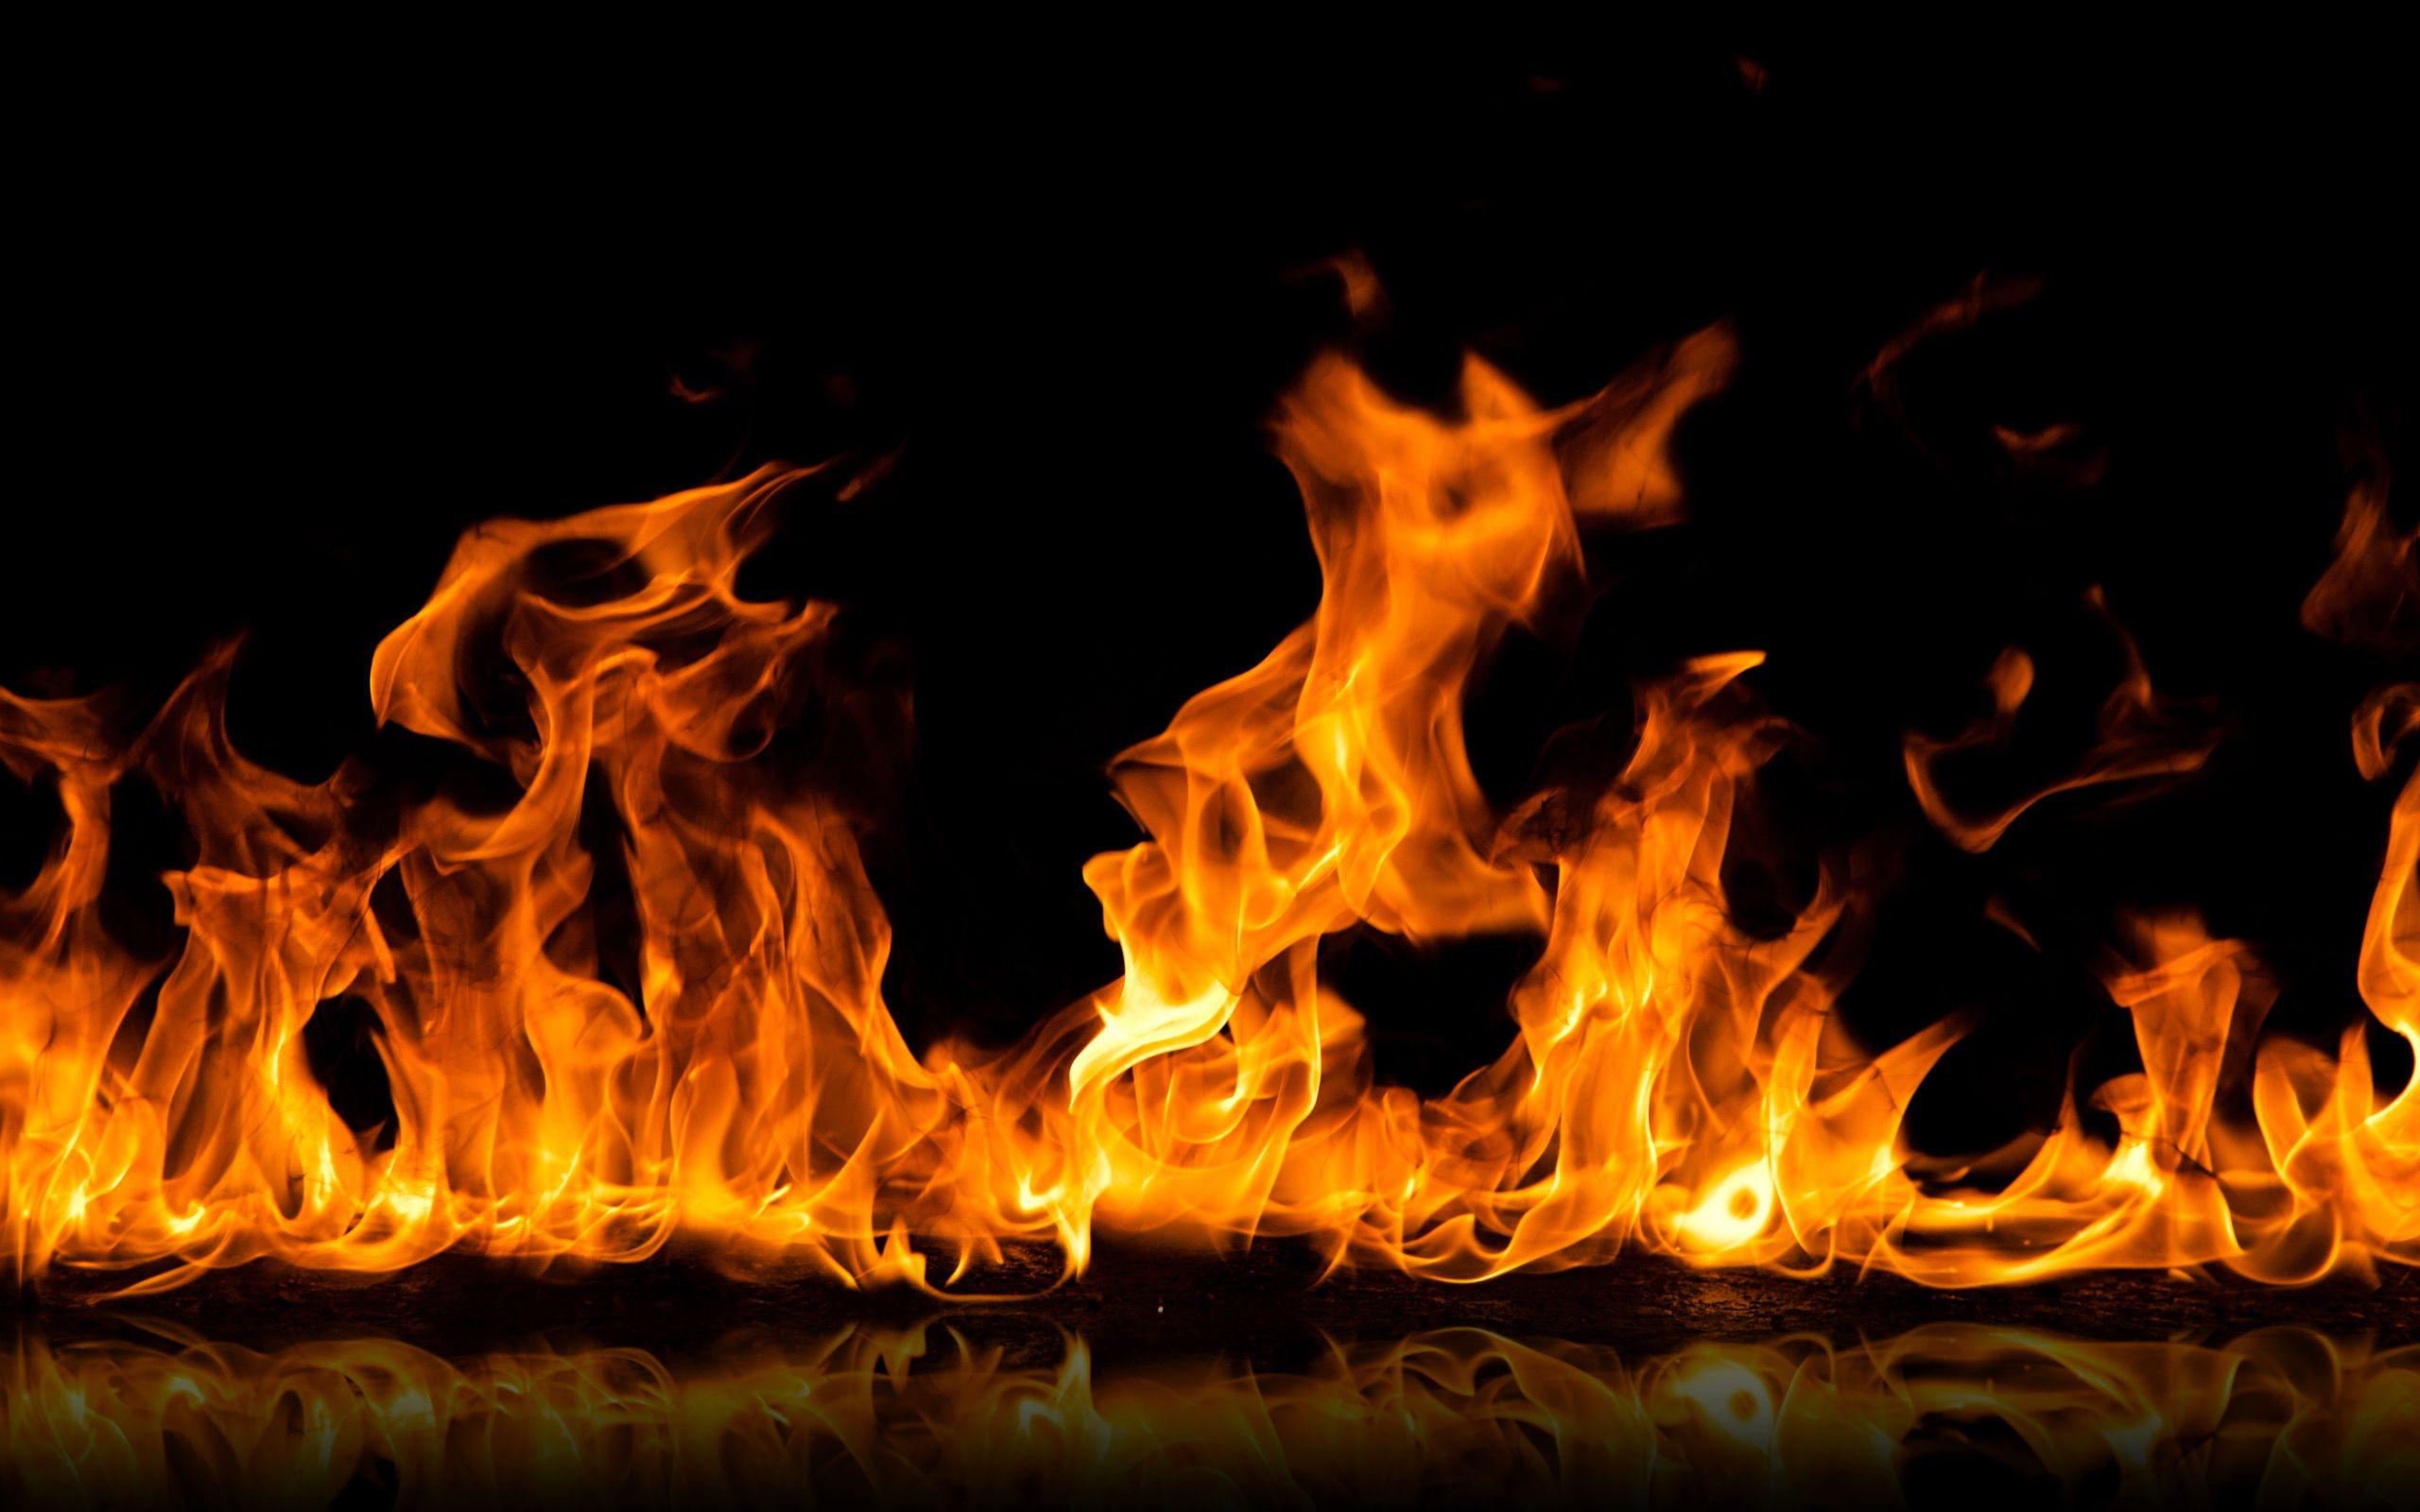 Заговор на огонь и тоску